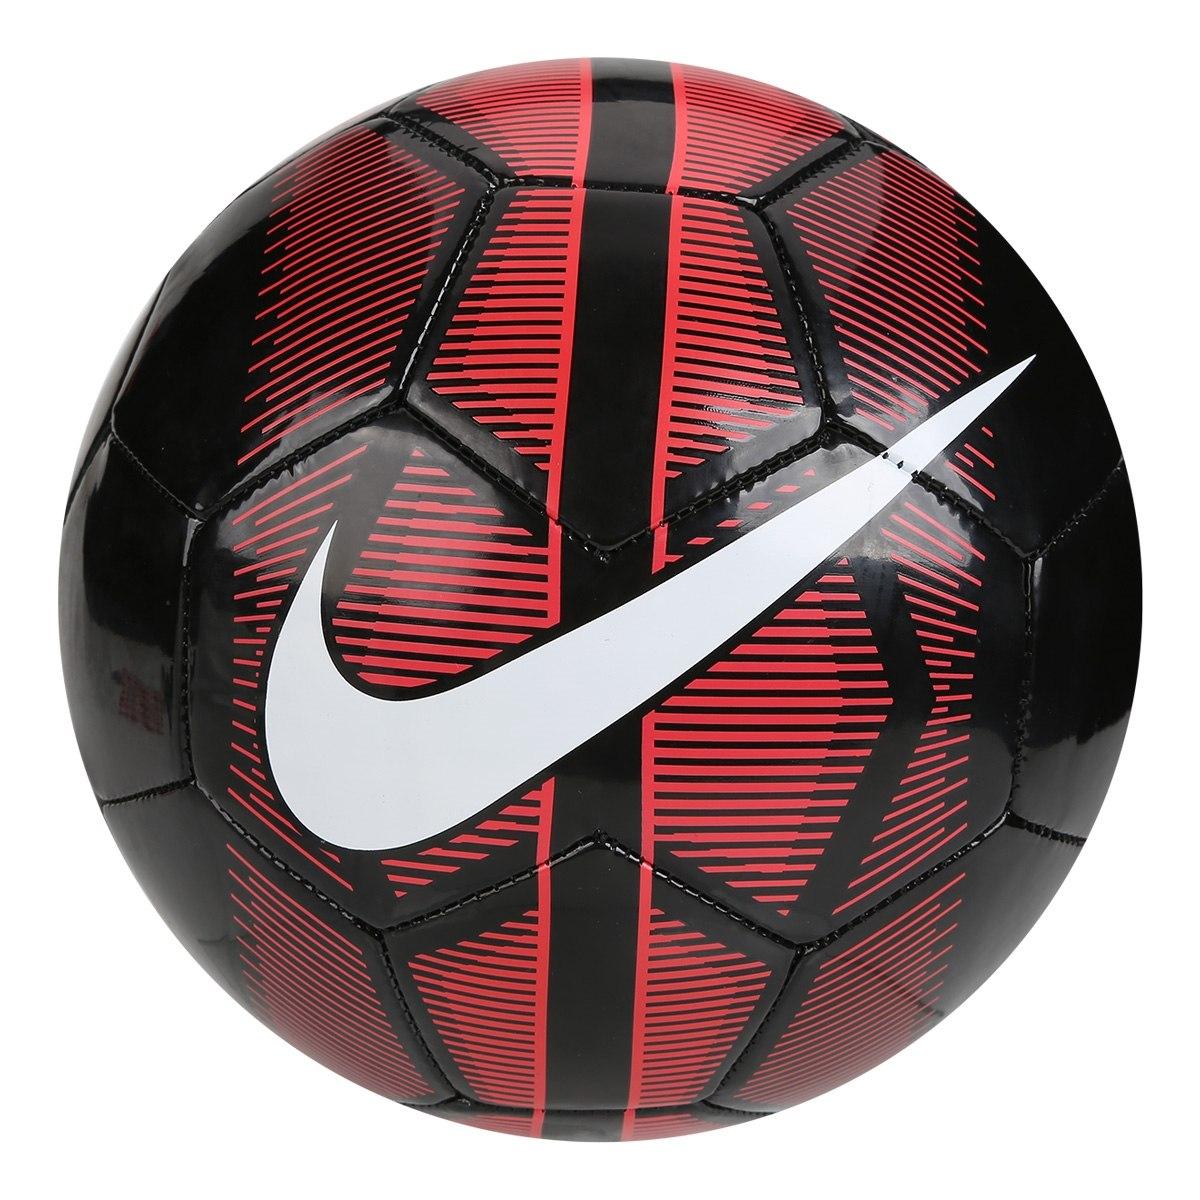 bola futebol de campo nike mercurial fade original + nota f. Carregando  zoom. 00e25cf485b81